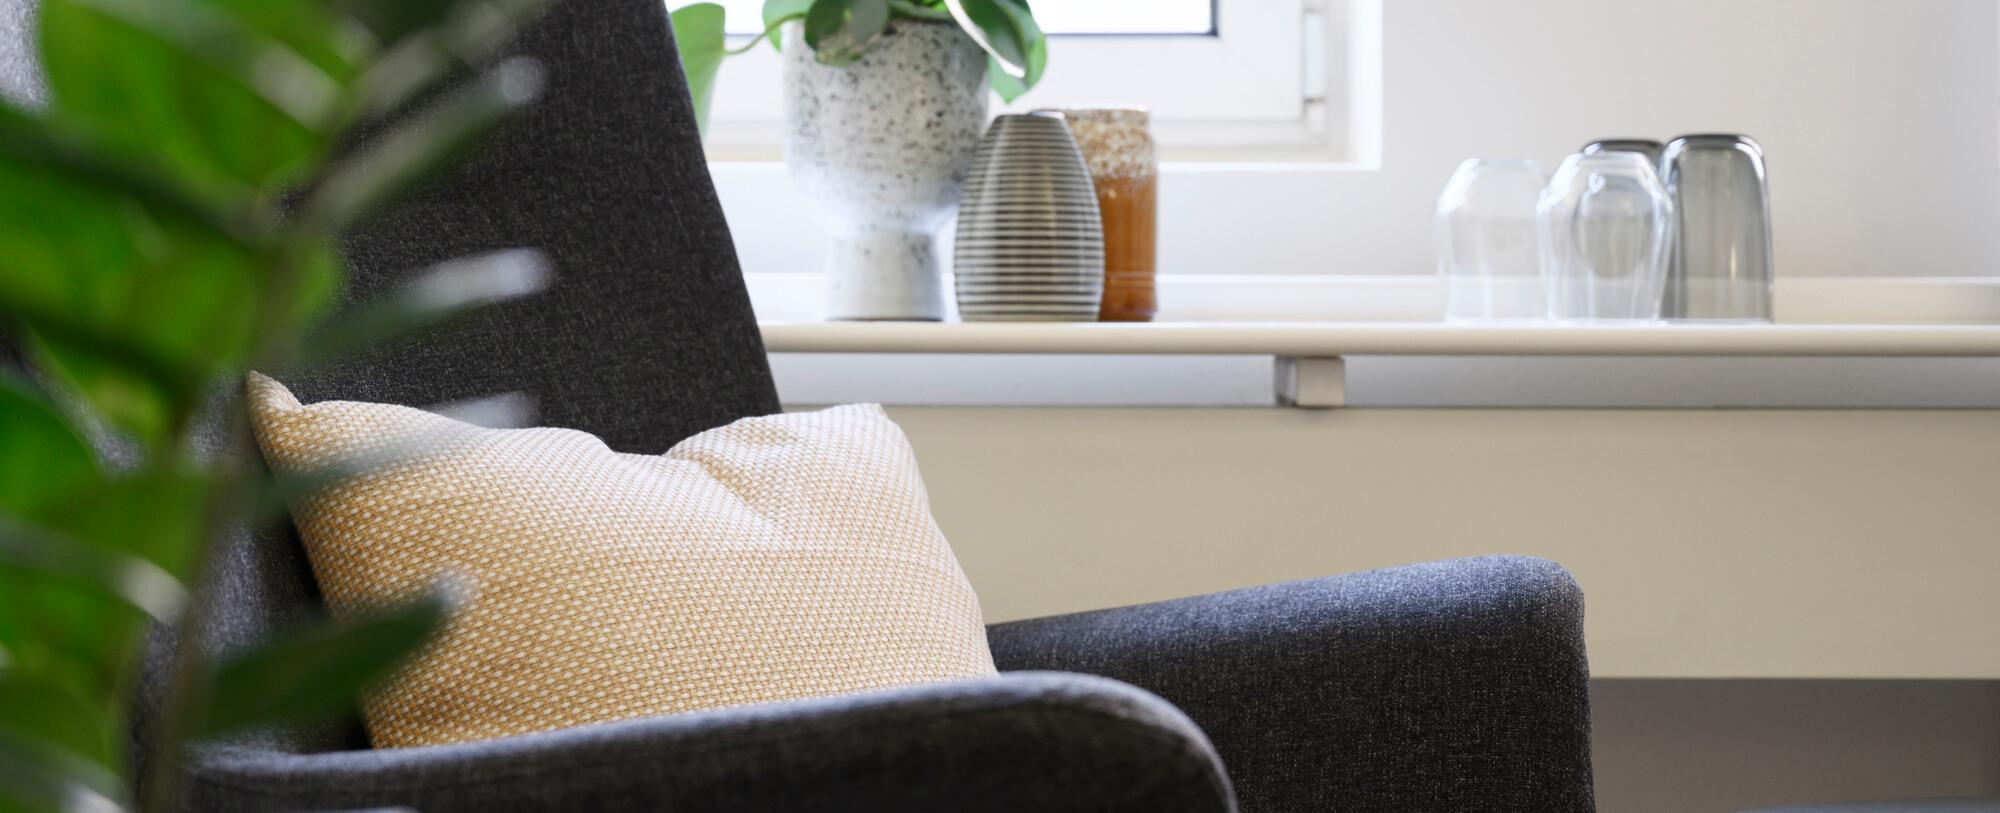 Min klinik/mit lokale med terapistol og hjælp til stress, angst og depression på Lyngby Hovedgade i Kgs. Lyngby